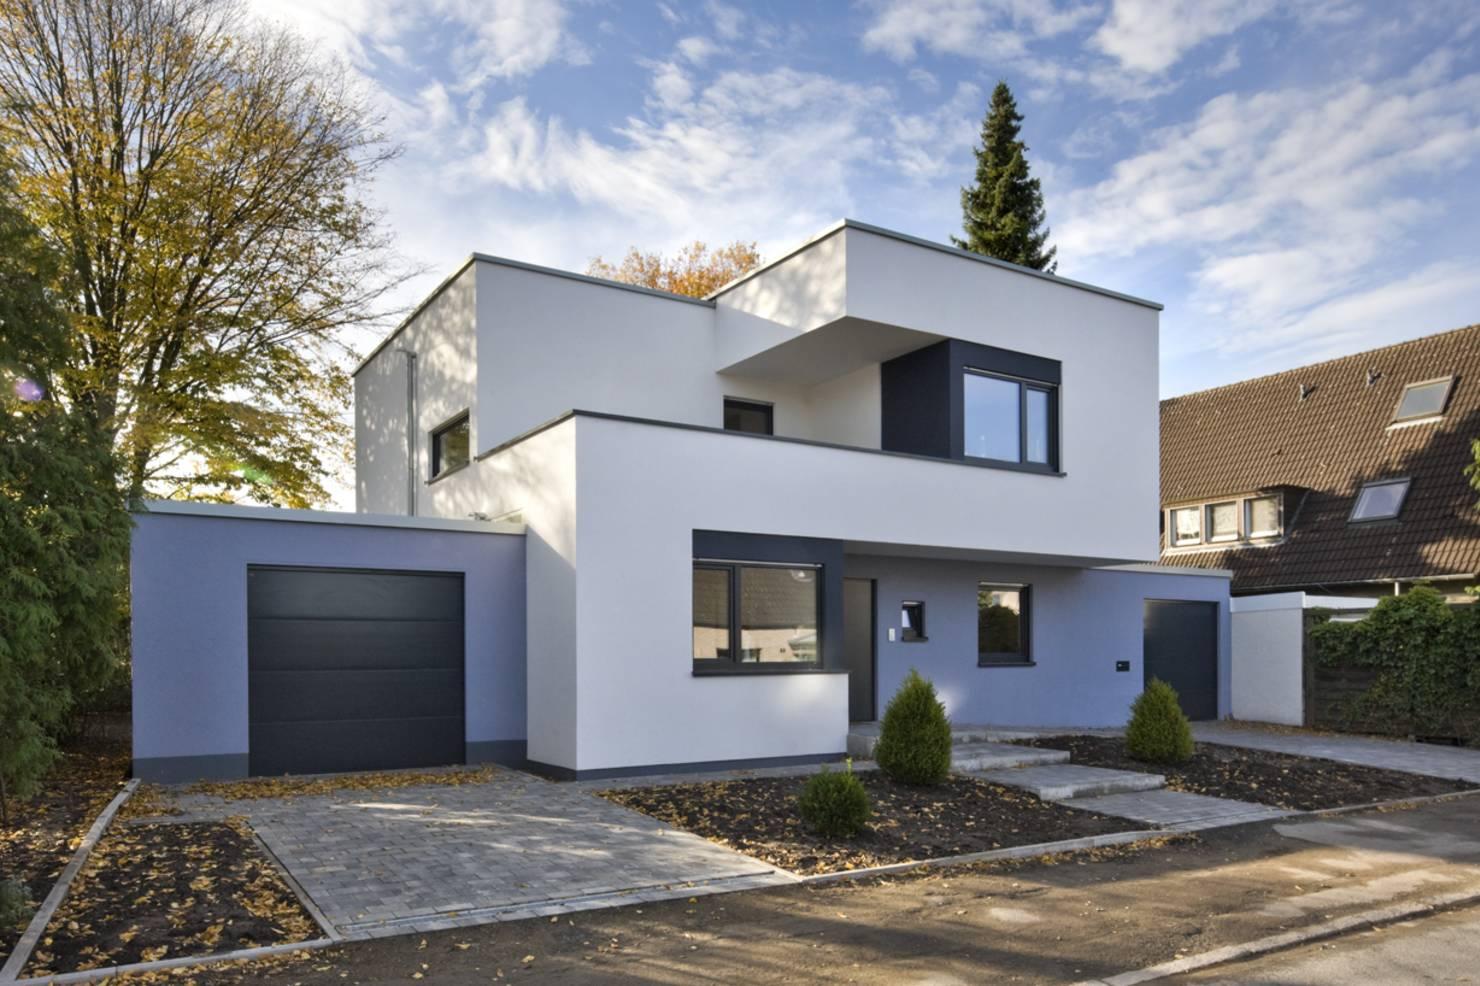 Ver fachadas de casas fachadas de casas estilos de for Casas modernas pintadas